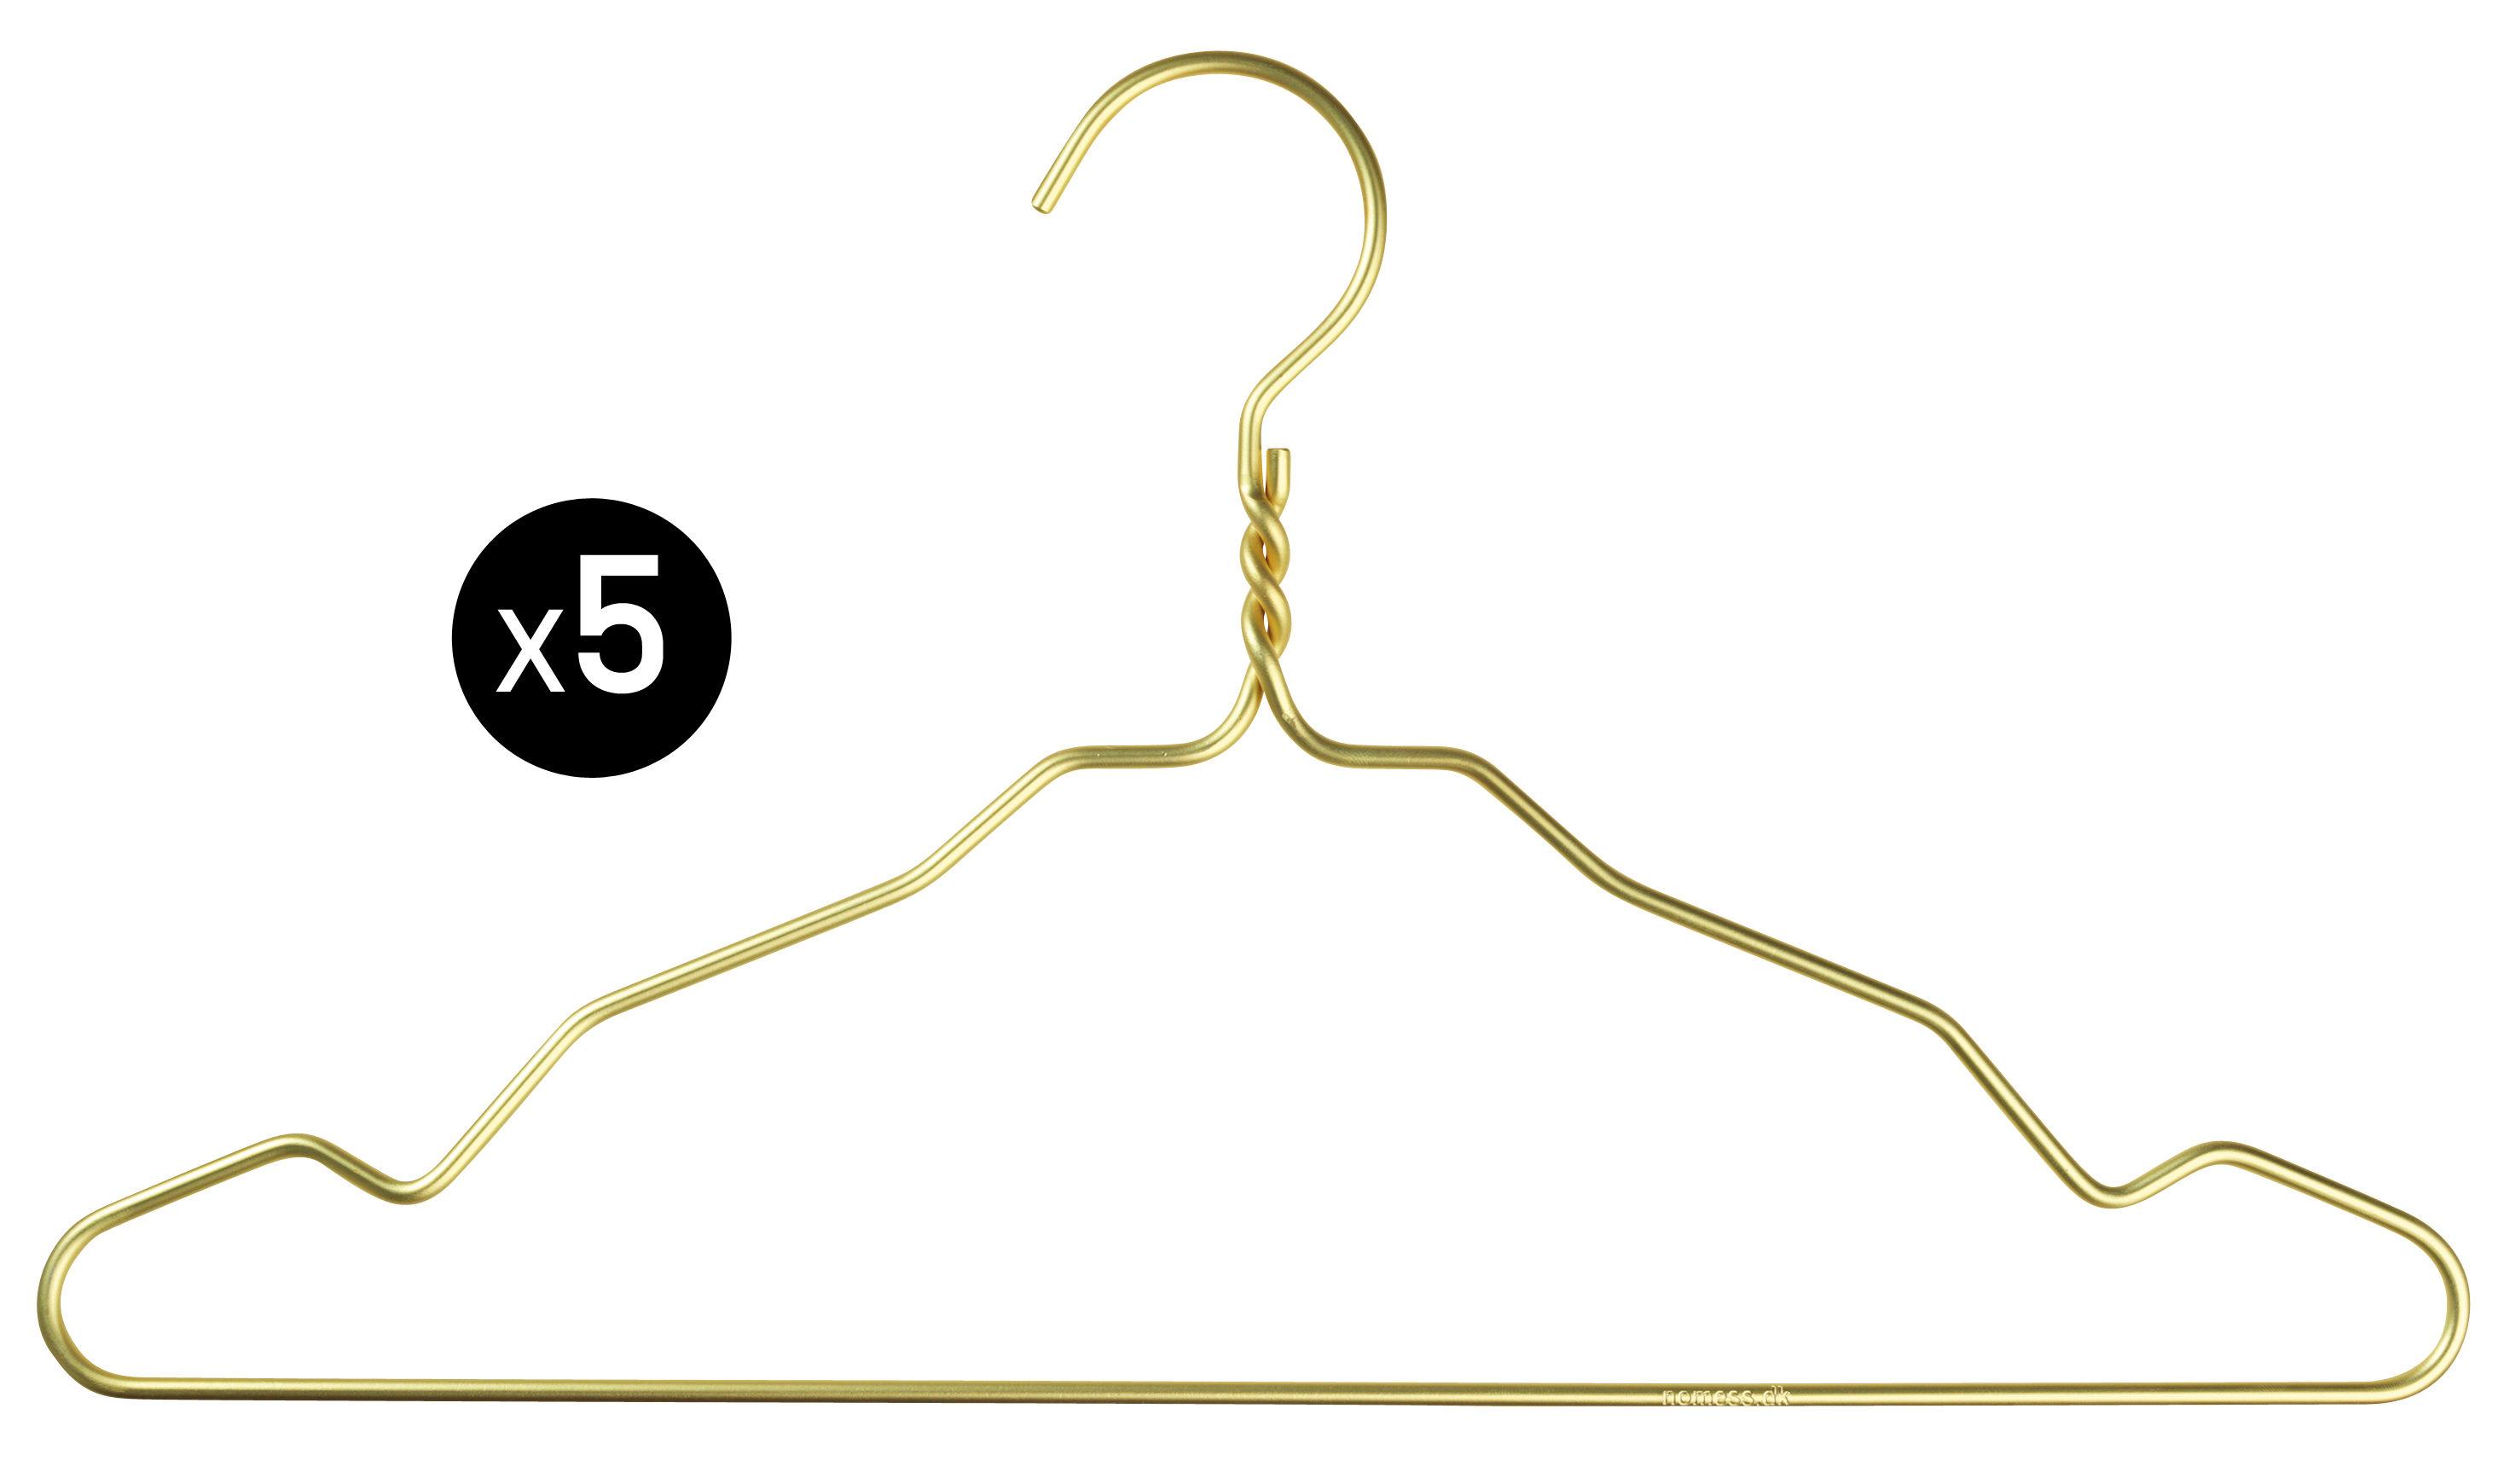 Dekoration - Garderoben und Kleiderhaken - W. Notch Kleiderbügel / 5-er Set - Nomess - Goldfarben - Aluminium